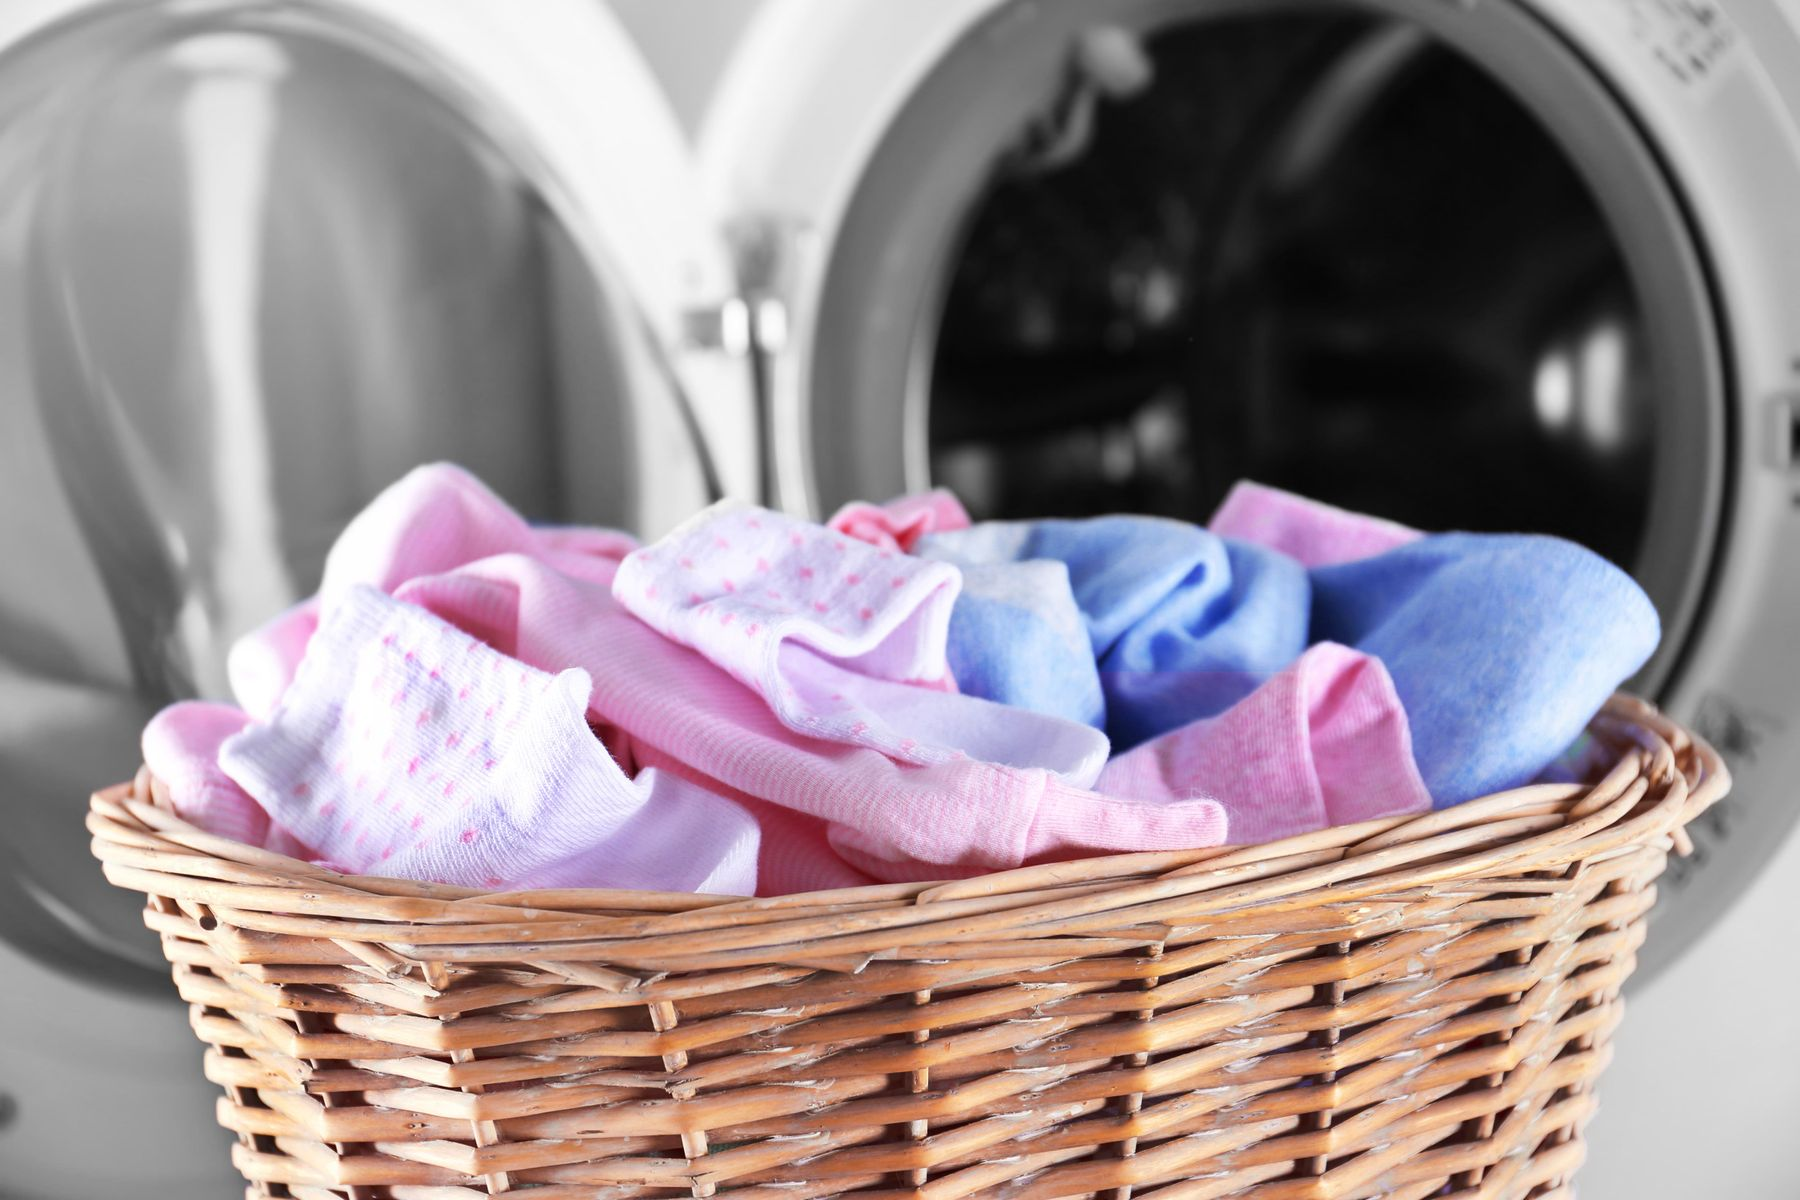 Hướng dẫn dùng nước xả vải cho quần áo trẻ em